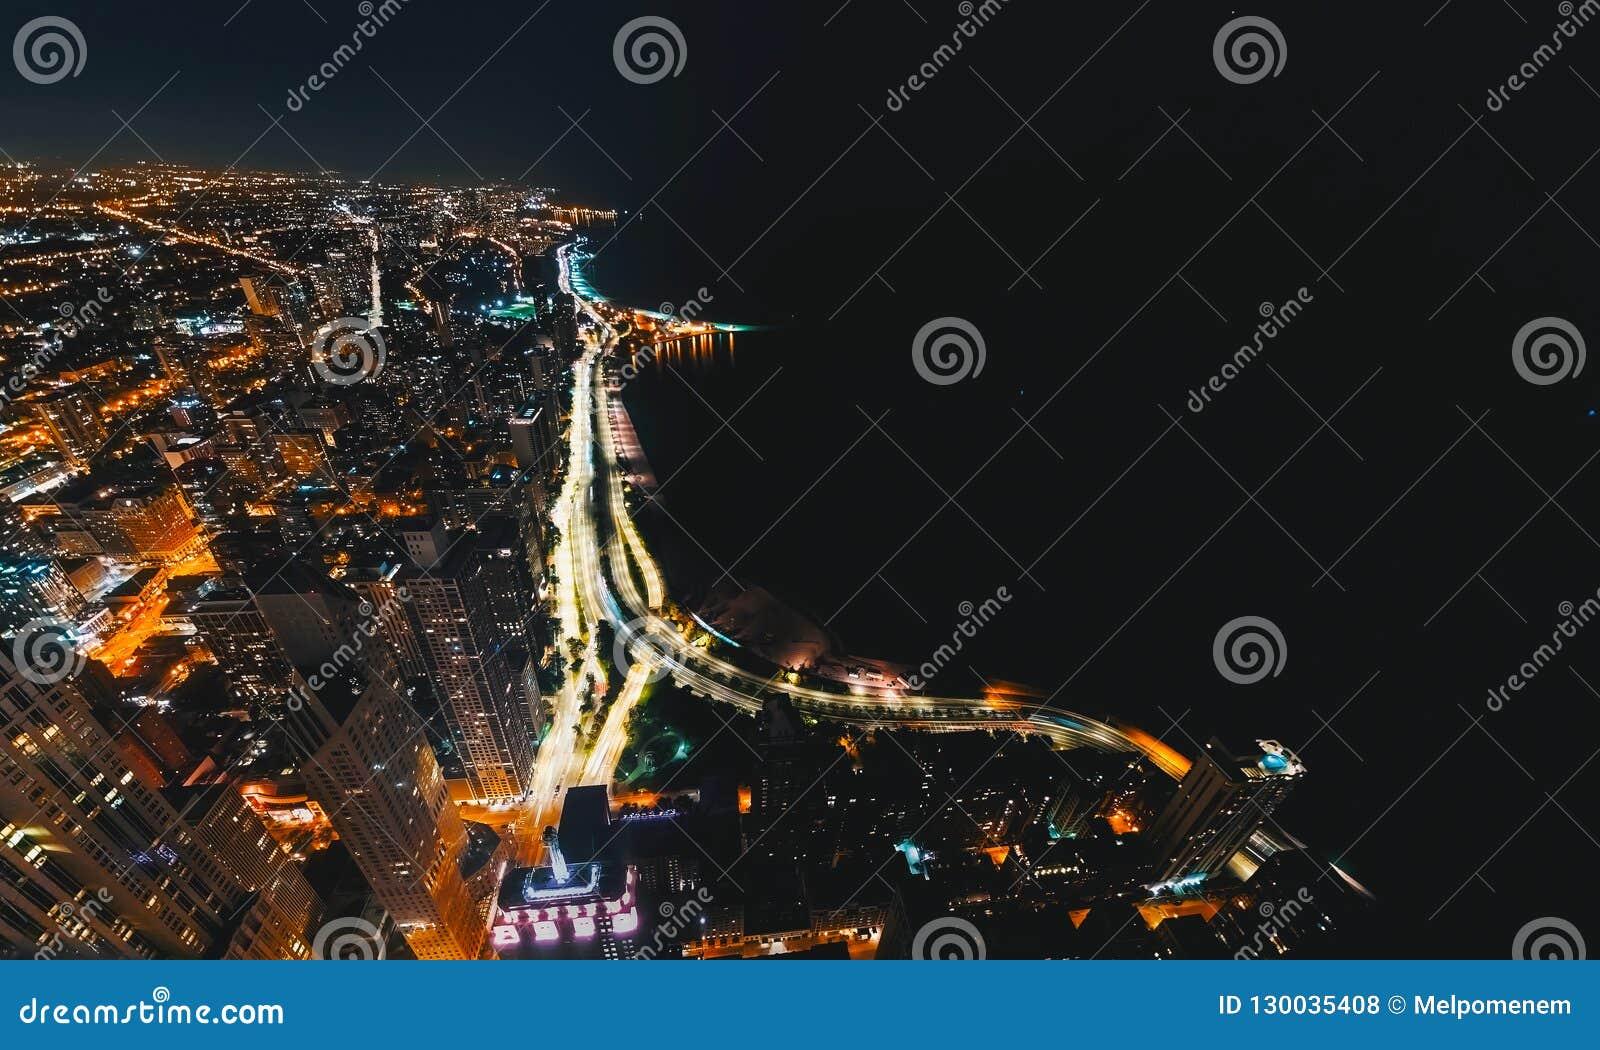 Calles de Chicago a lo largo del lago Michigan desde arriba